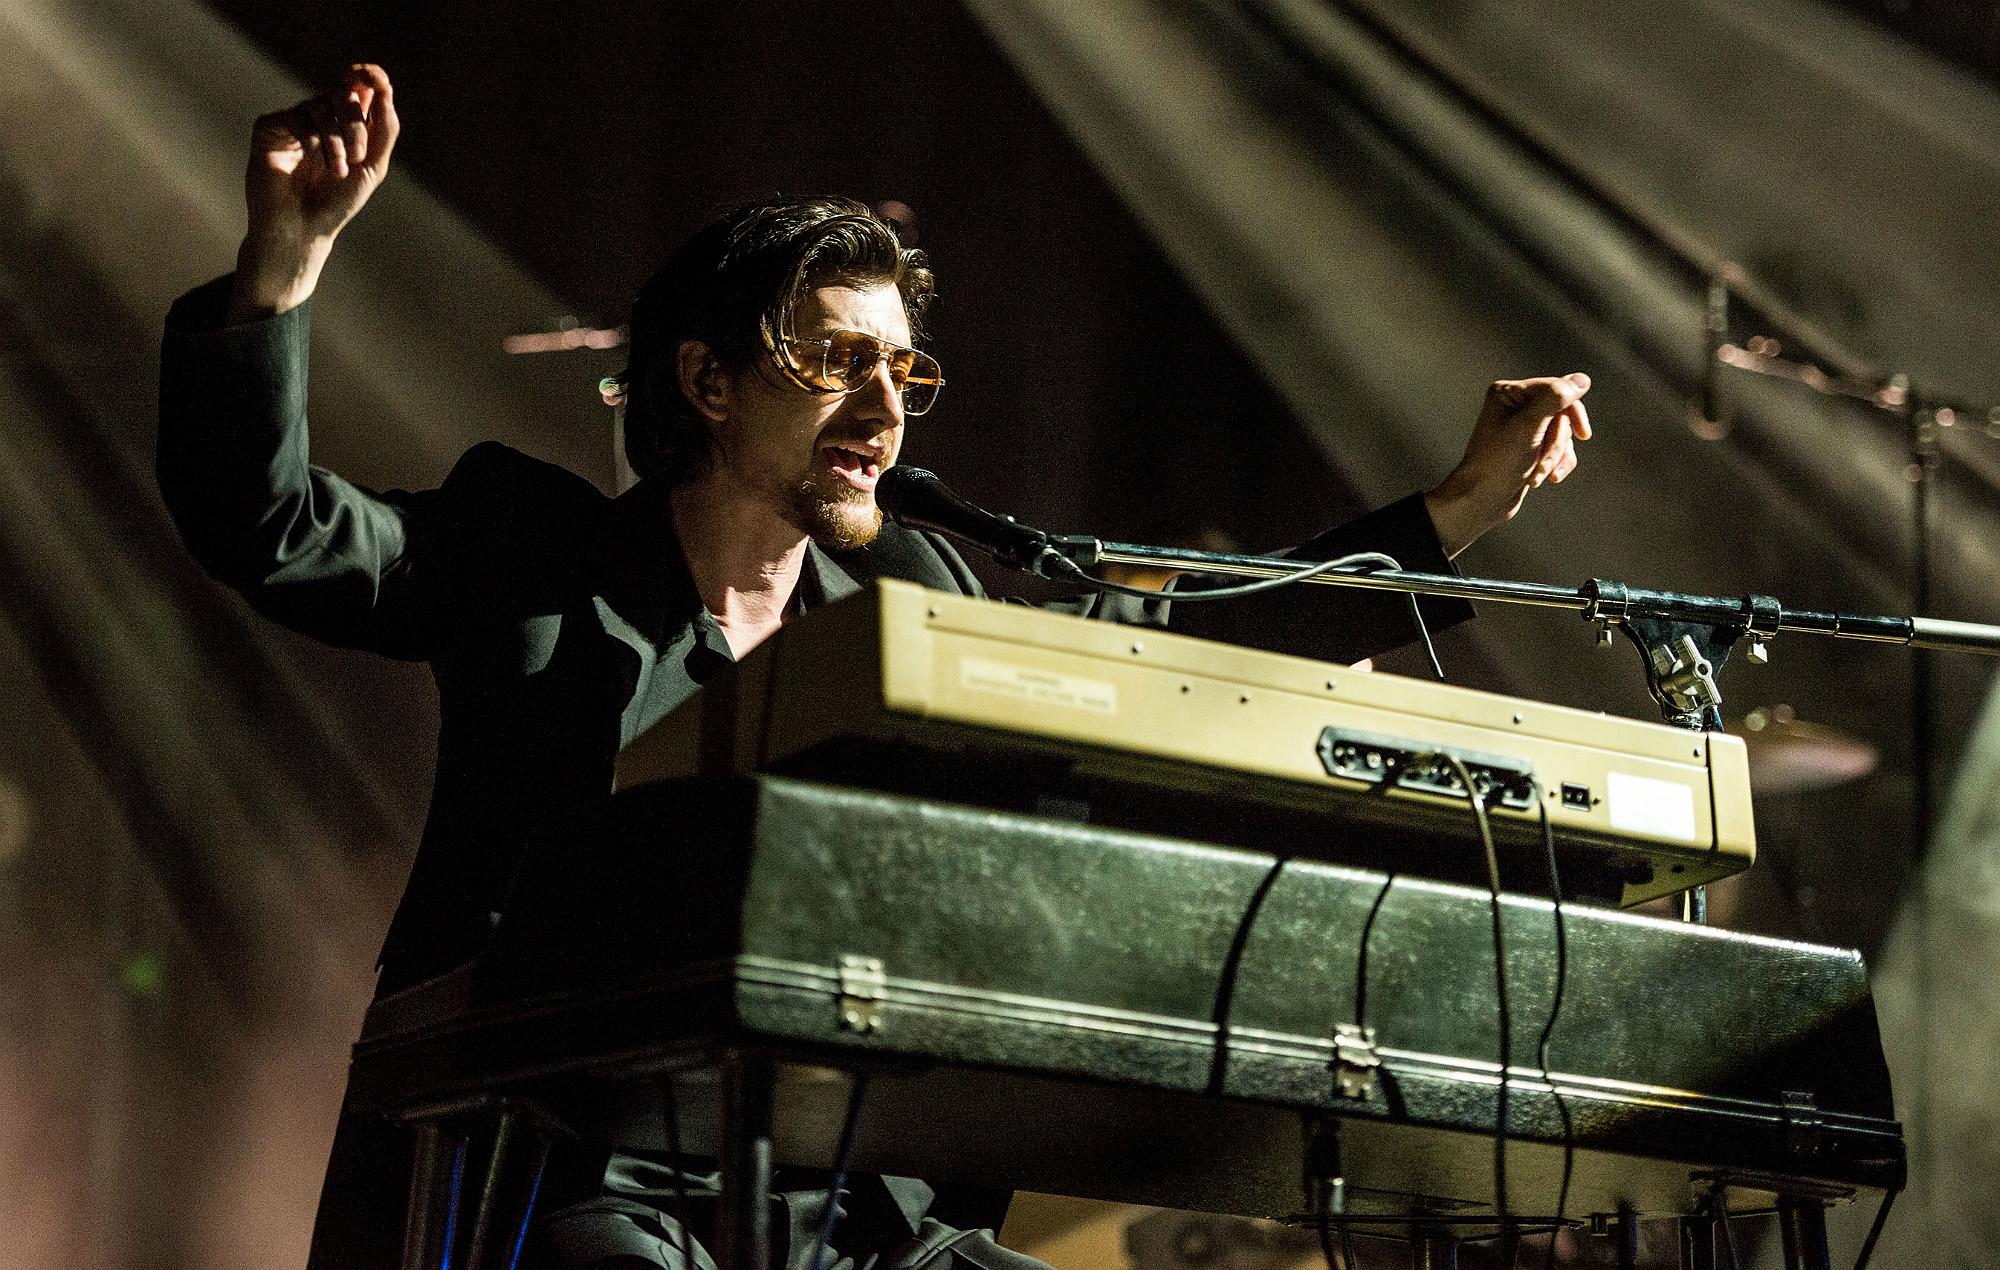 LIVE STREAM: Arctic Monkeys at Asuncionico 2019 - YouTube